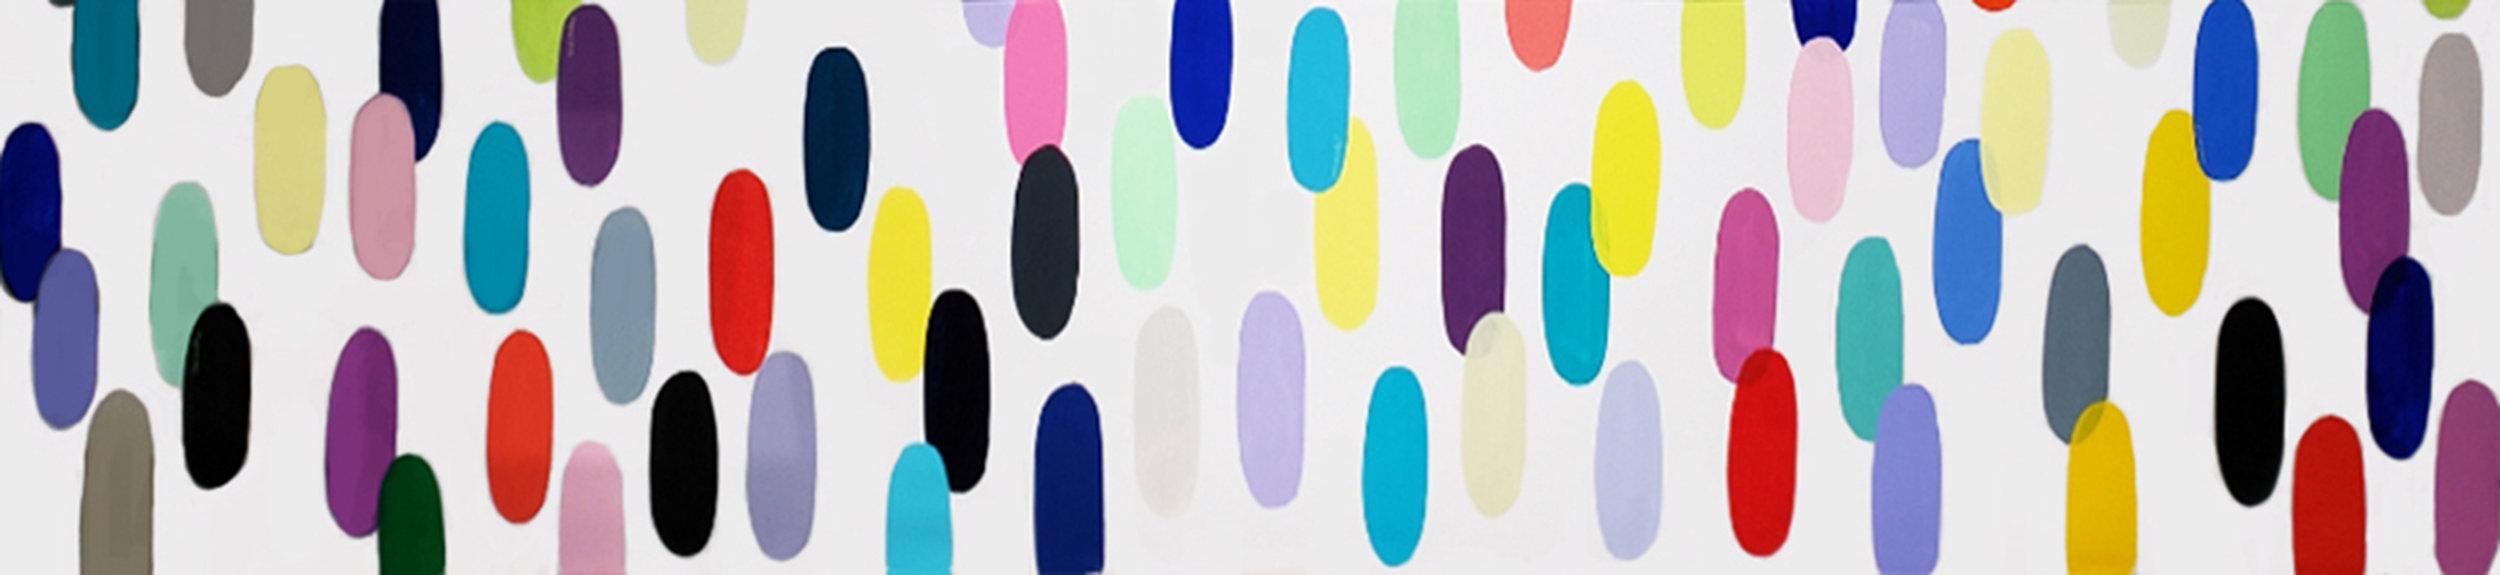 """Jelly Bean #62, 2019, acrylic on canvas, 144"""" x 36"""" (357 x 91.4cm)"""